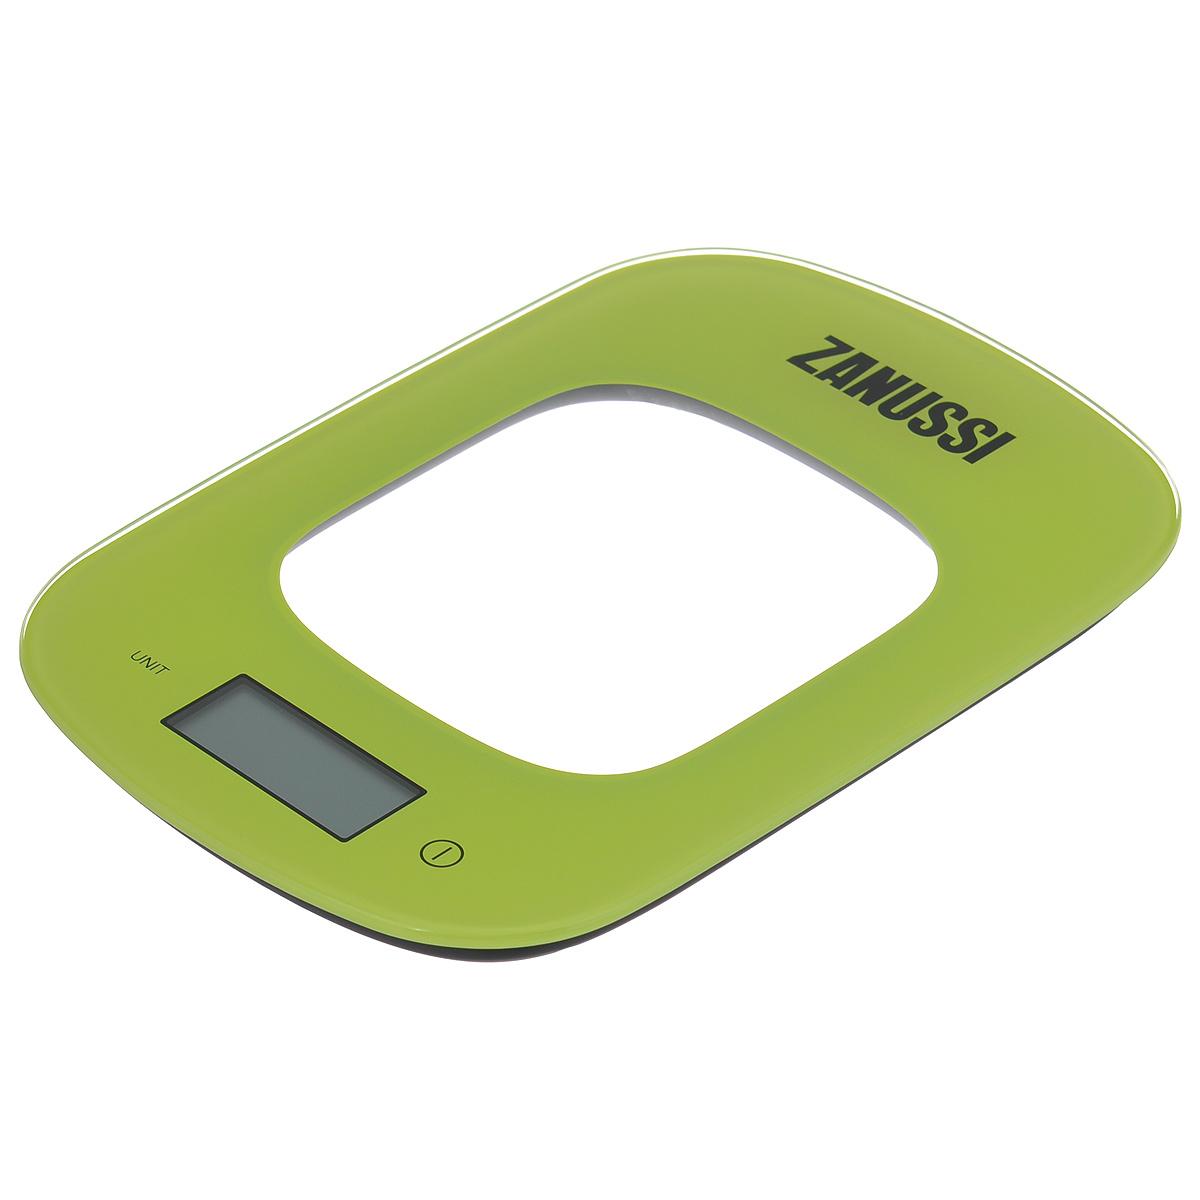 Весы кухонные Zanussi Venezia, электронные, цвет: зеленый, до 5 кгZSE22222DFЭлектронные кухонные весы Zanussi Venezia придутся по душе каждой хозяйке и станут незаменимым аксессуаром на кухне. Ультратонкий корпус весов выполнен из пластика с цифровым ЖК-дисплеем. Весы выдерживают до 5 килограмм и оснащены высокоточной сенсорной измерительной системой. Имеется индикатор низкого заряда батареи. С помощью таких электронных весов можно точно контролировать пропорции ингредиентов. УВАЖАЕМЫЕ КЛИЕНТЫ! Обращаем ваше внимание, что весы работают от одной литиевой батарейки CR2032 напряжением 3V (входит в комплект).